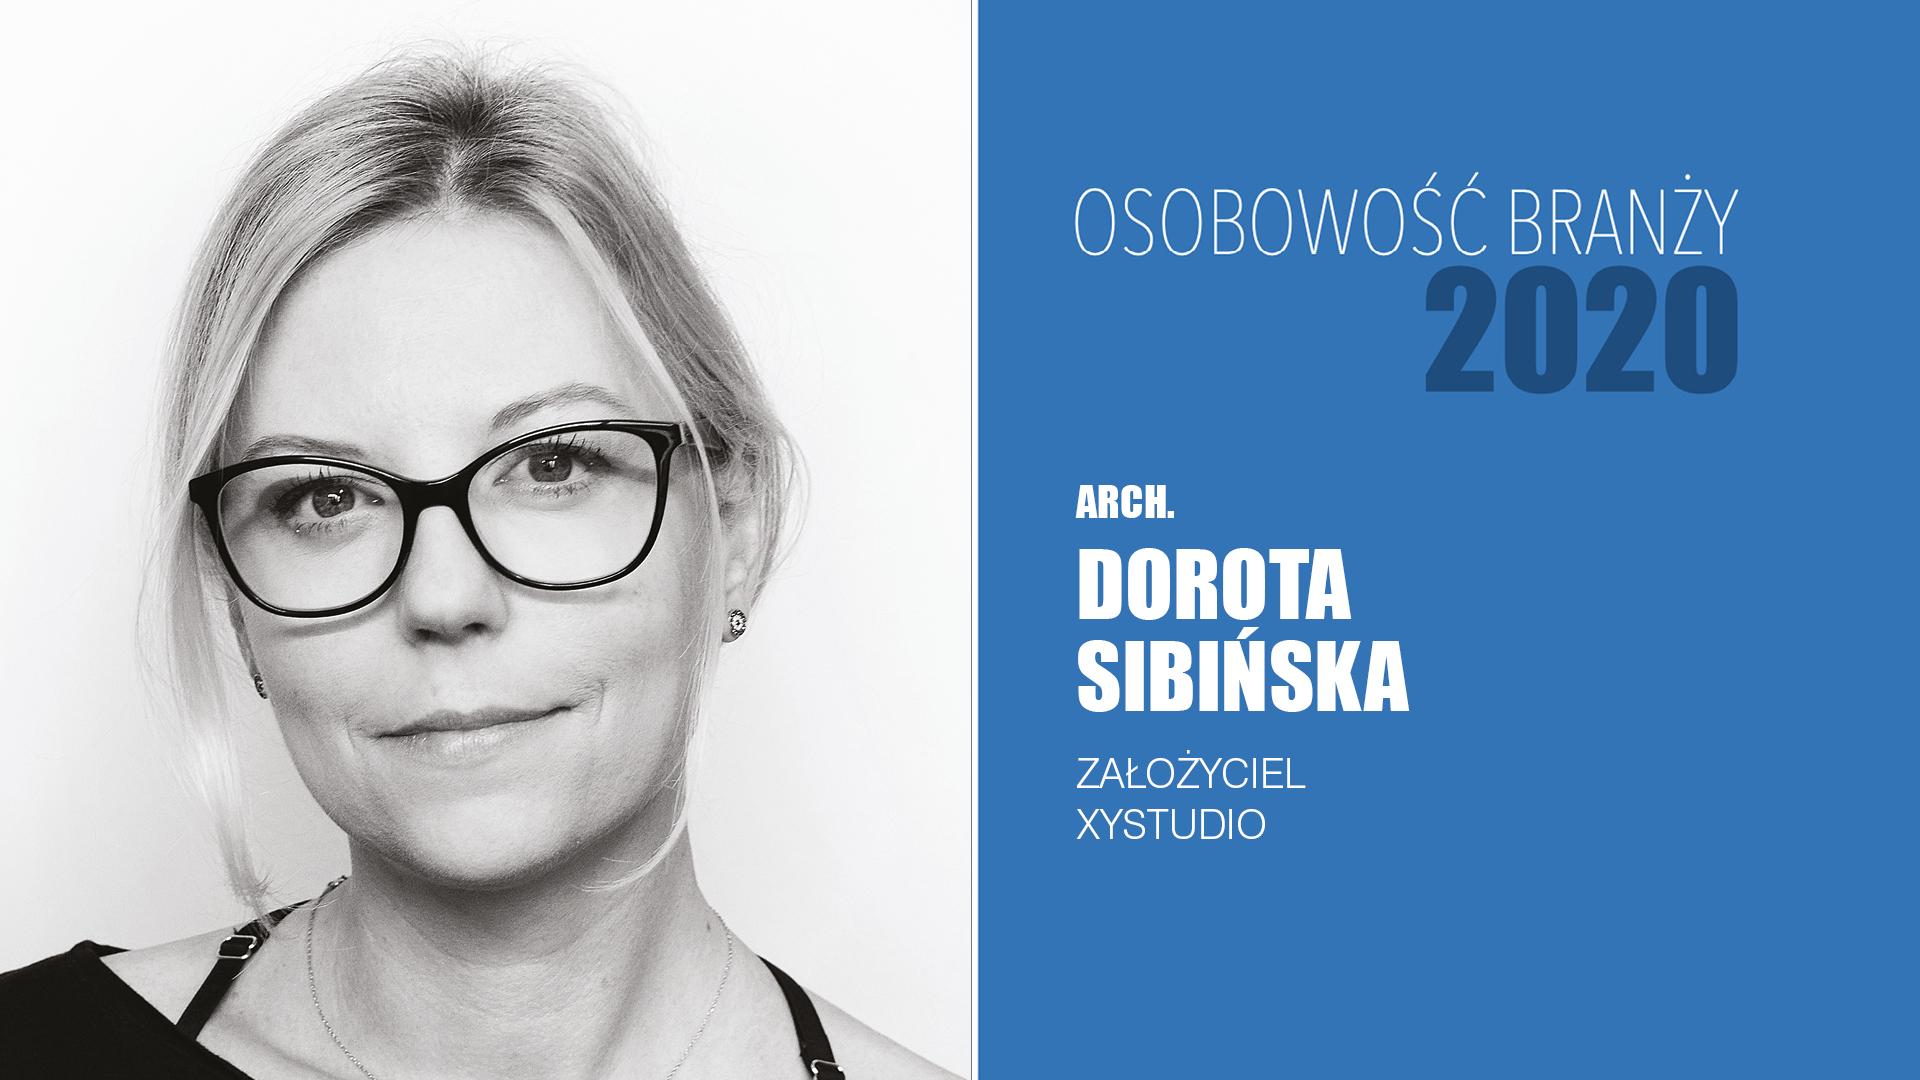 Dorota Sibińska – Osobowość Branży 2020